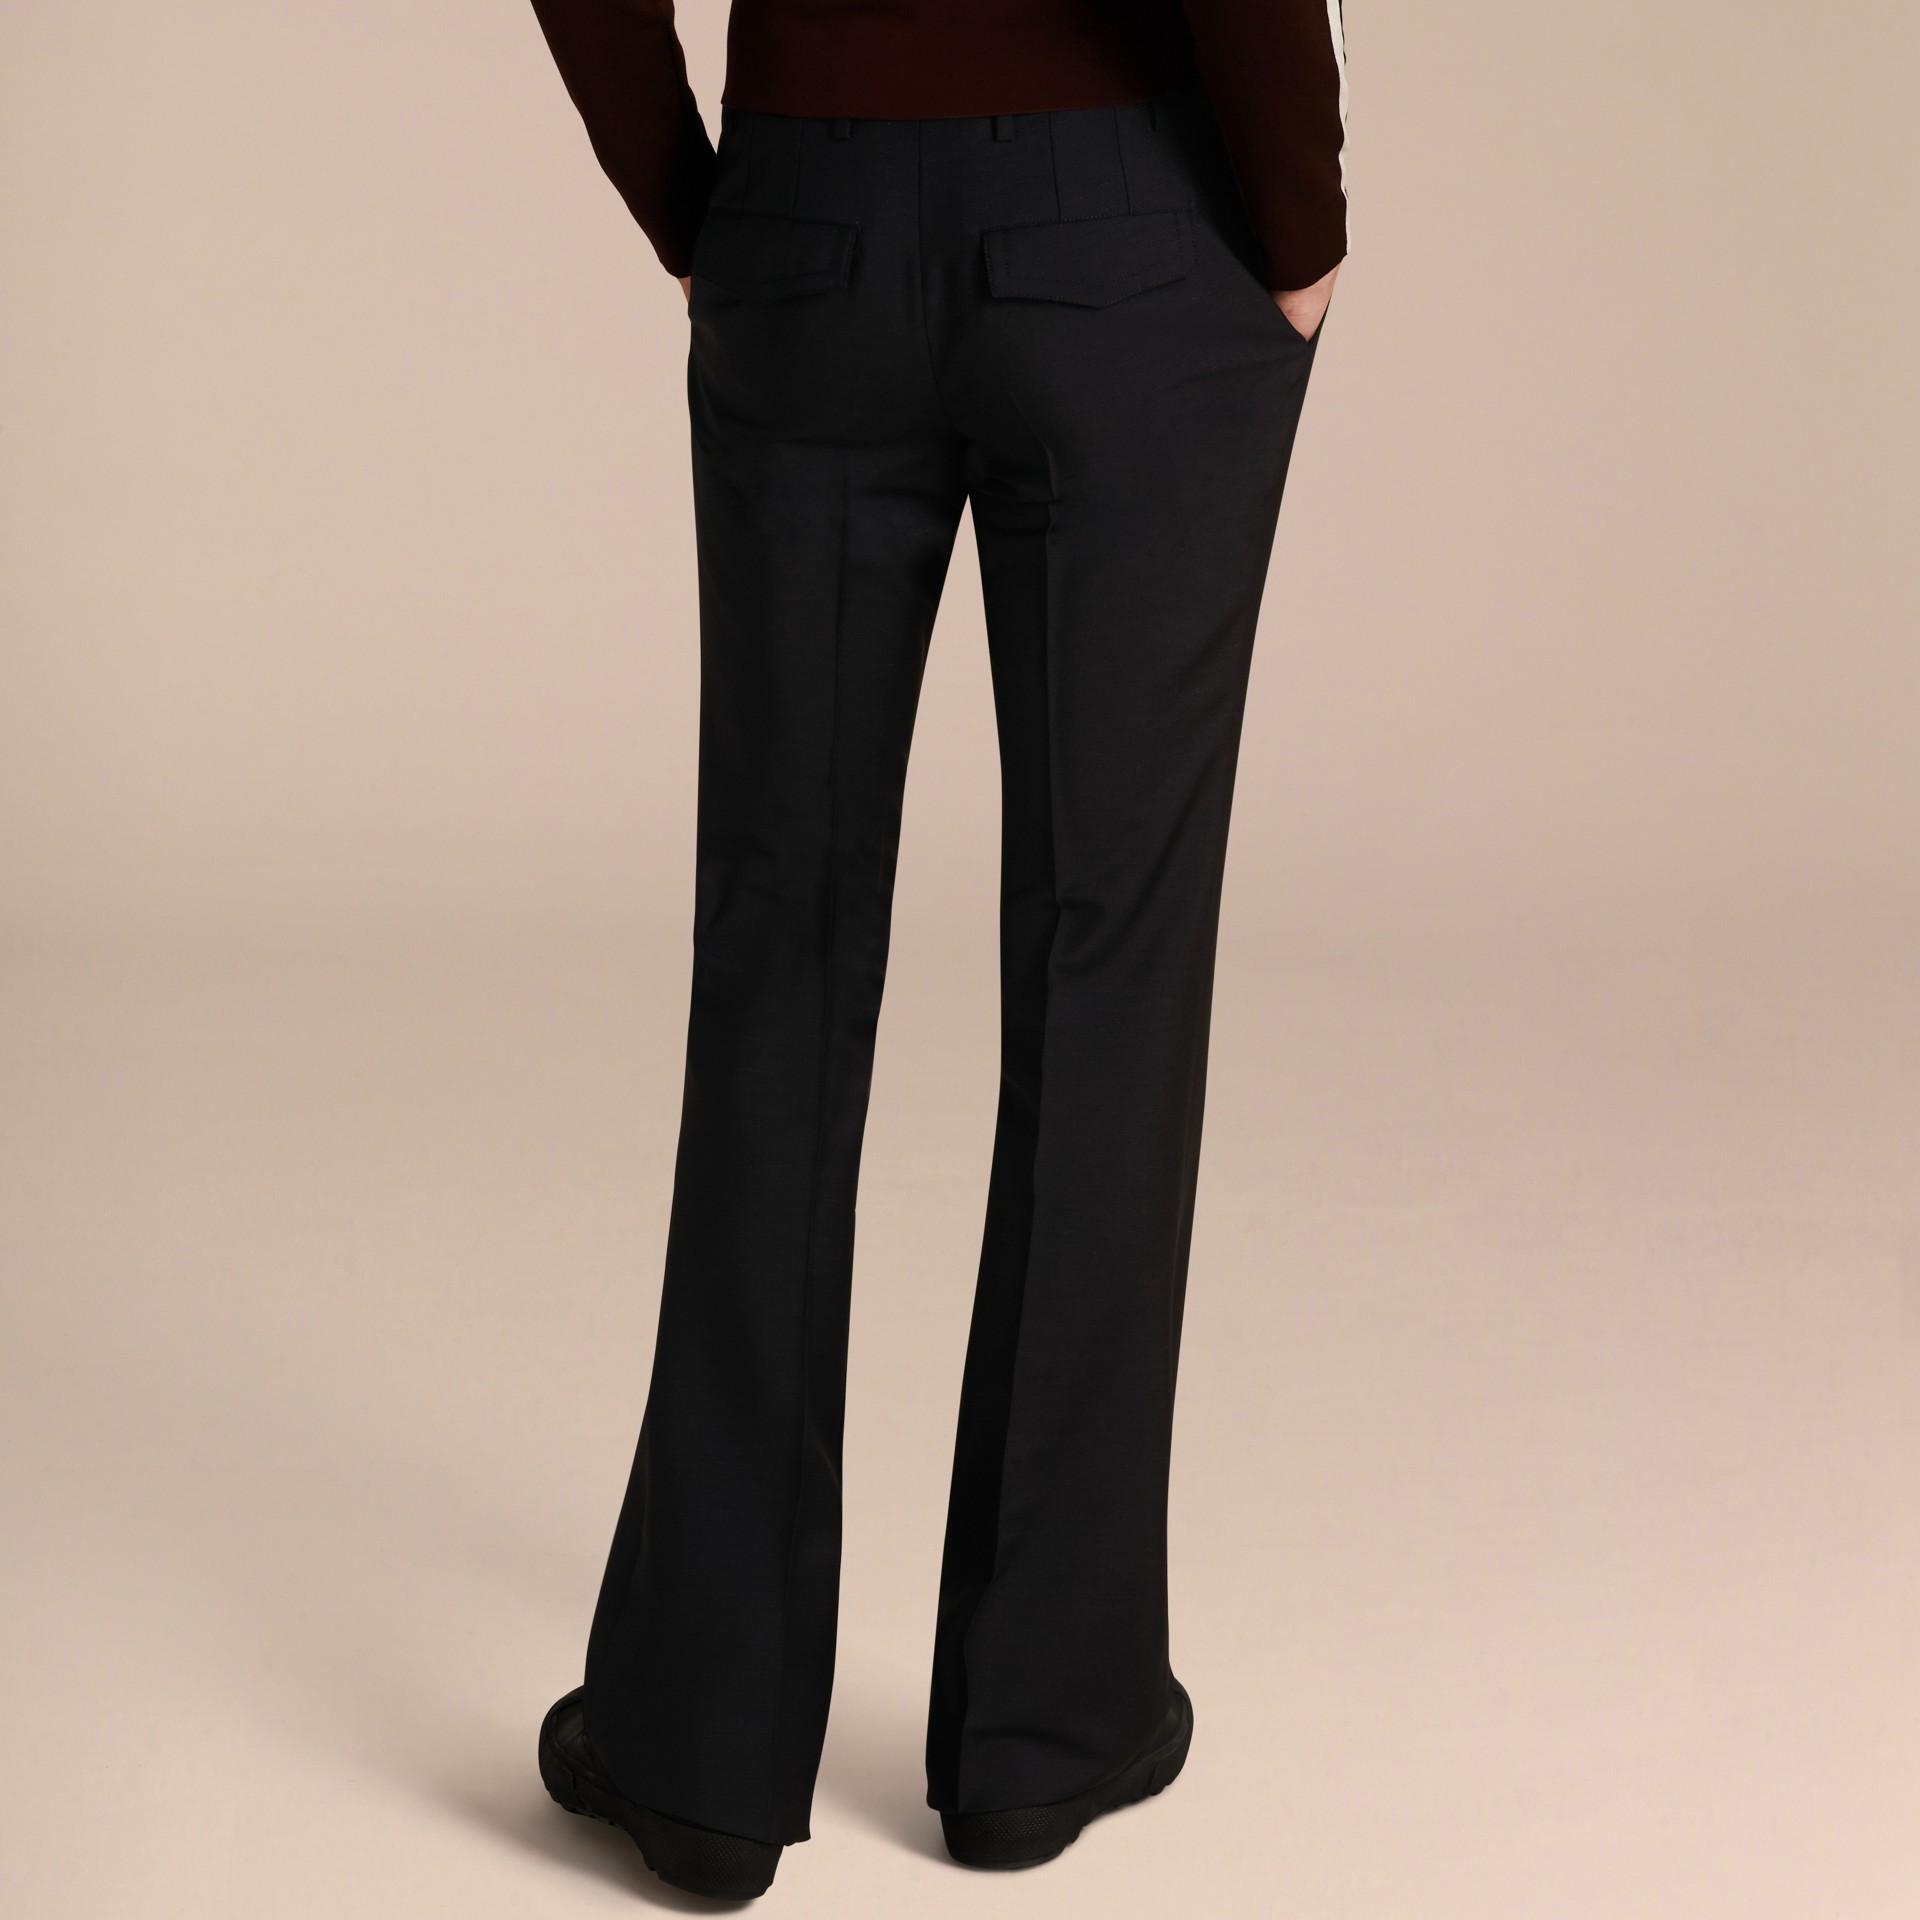 Blu peltro Pantaloni a fondo ampio in misto mohair e lana - immagine della galleria 3